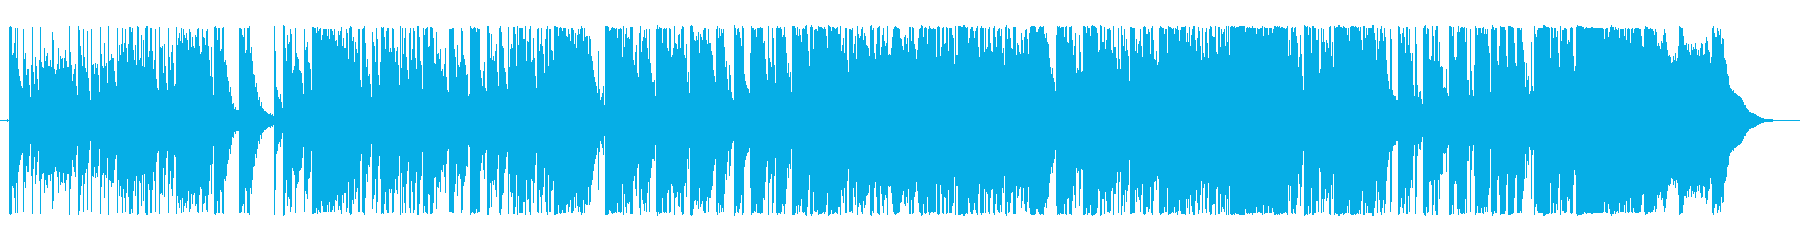 本物の60年代から70年代のストリ...の再生済みの波形